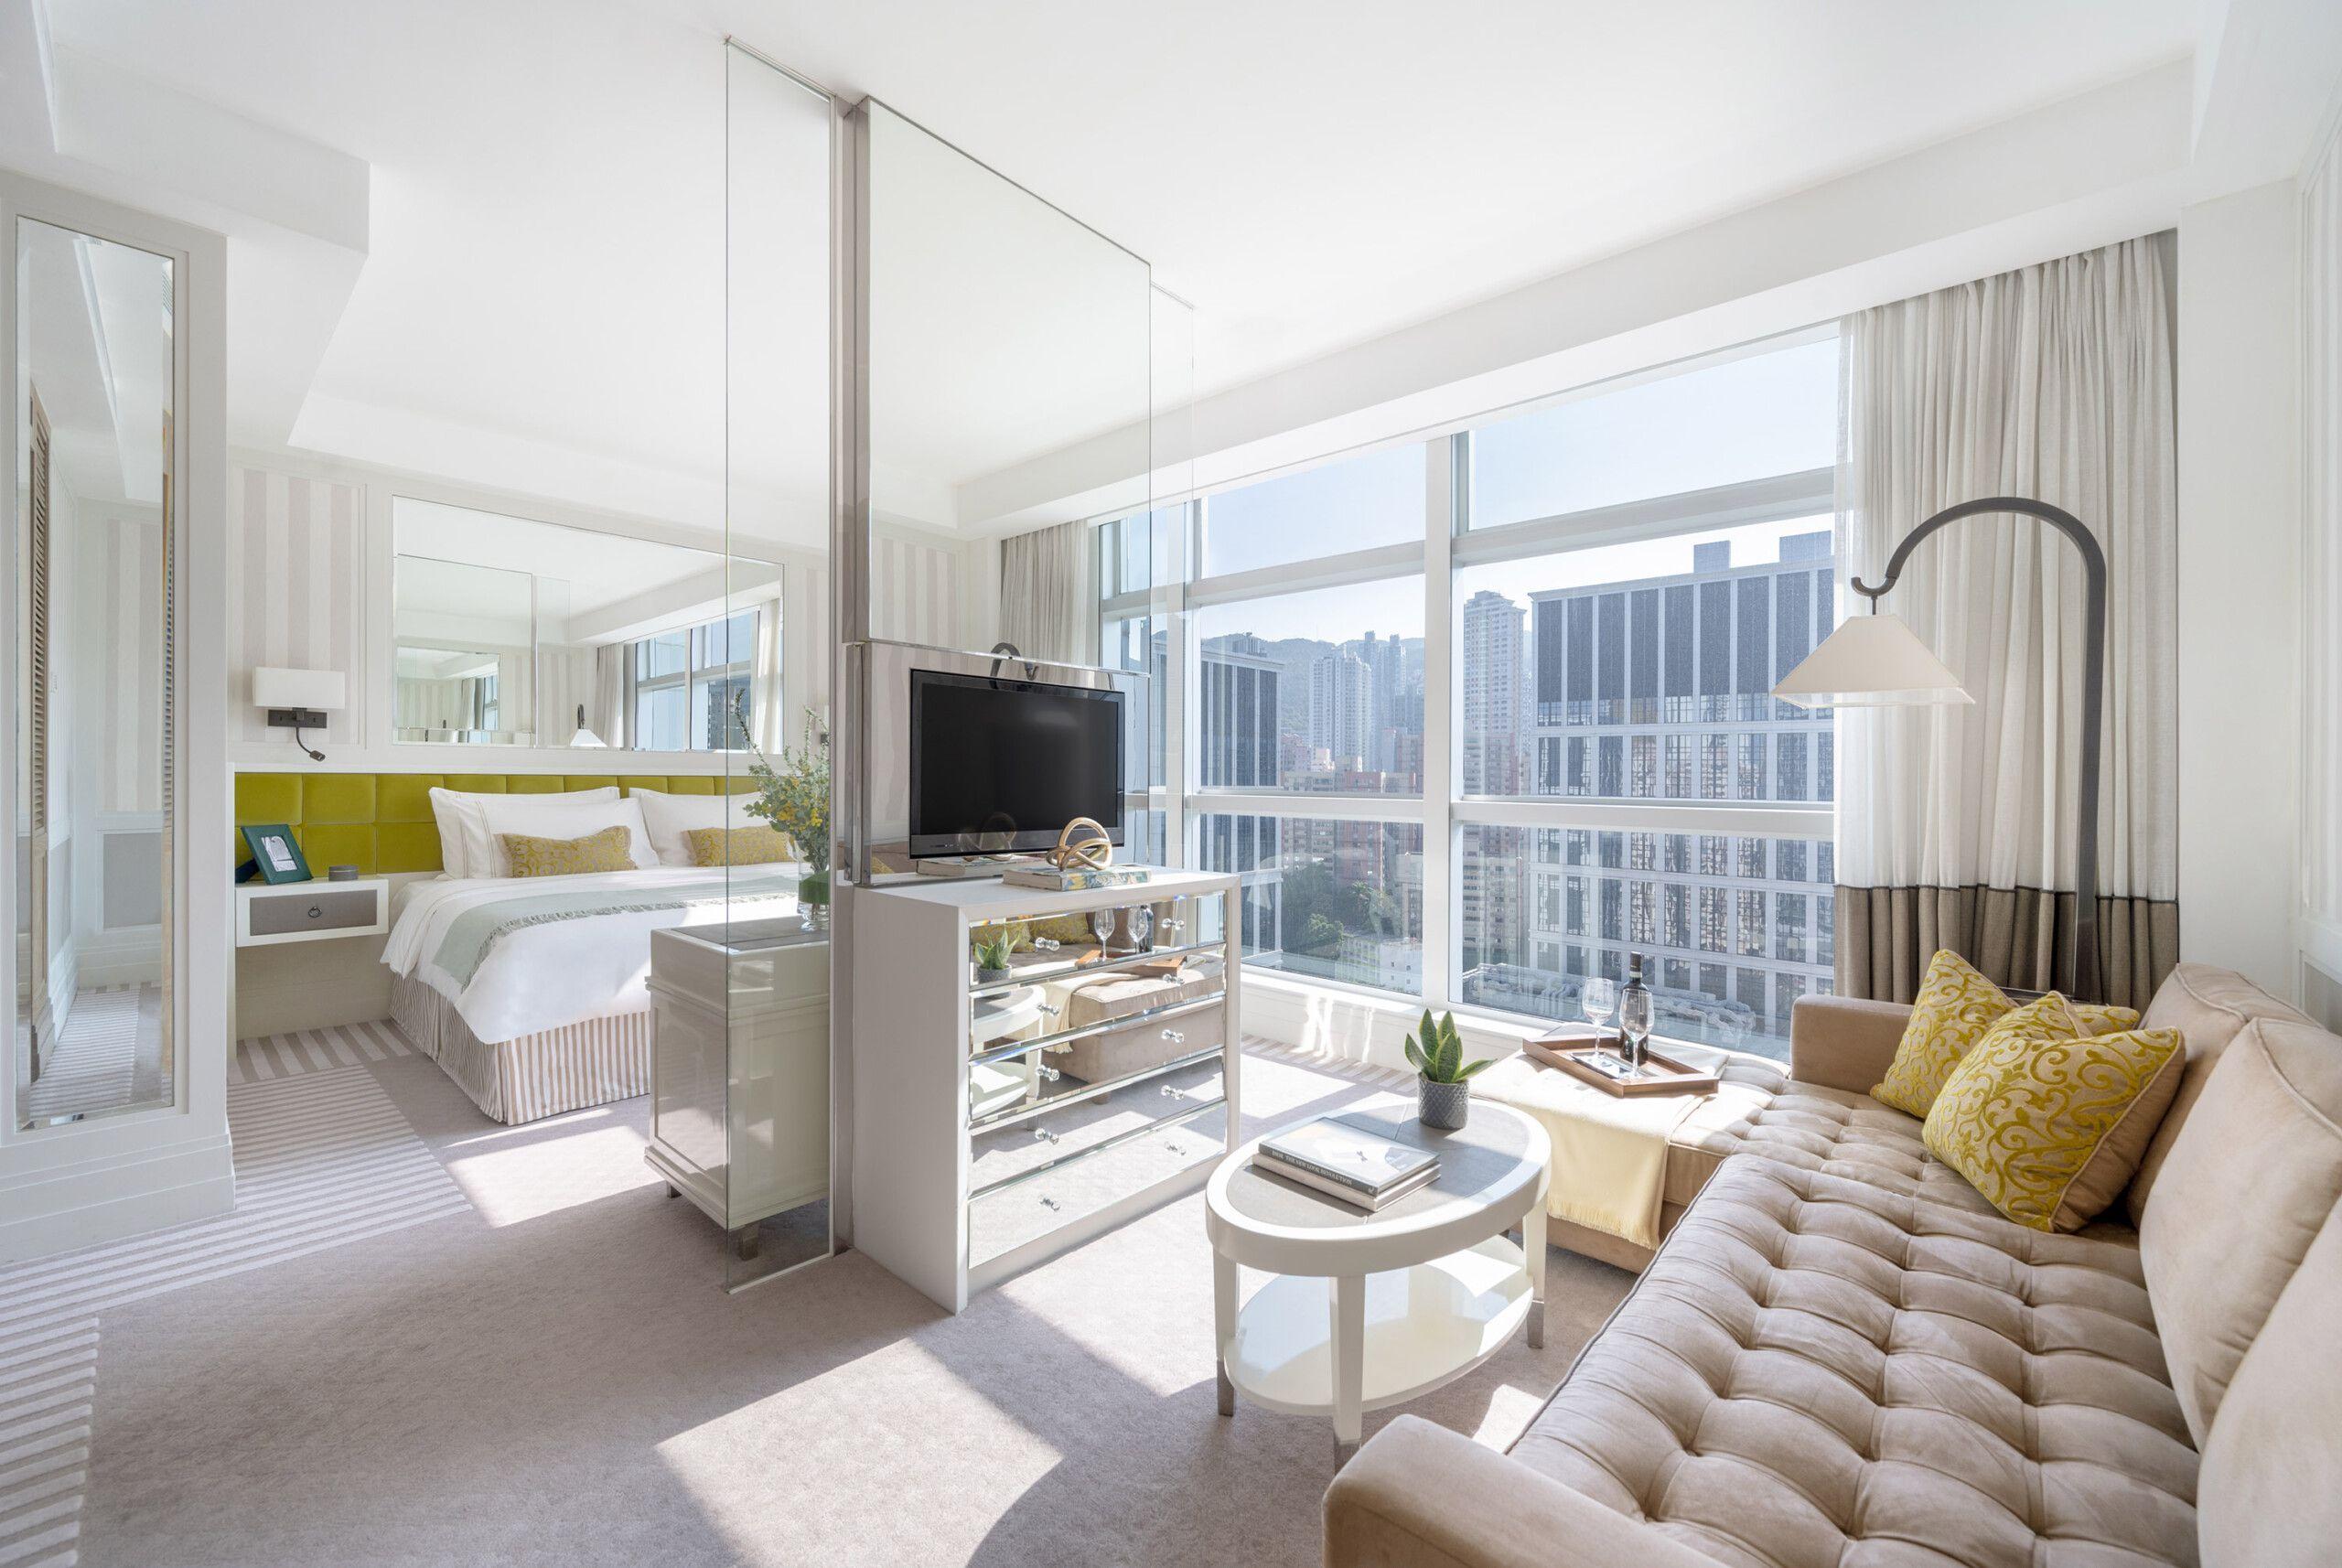 HK Hotels Quarantine Package | Luxury Hotel in Causeway Bay